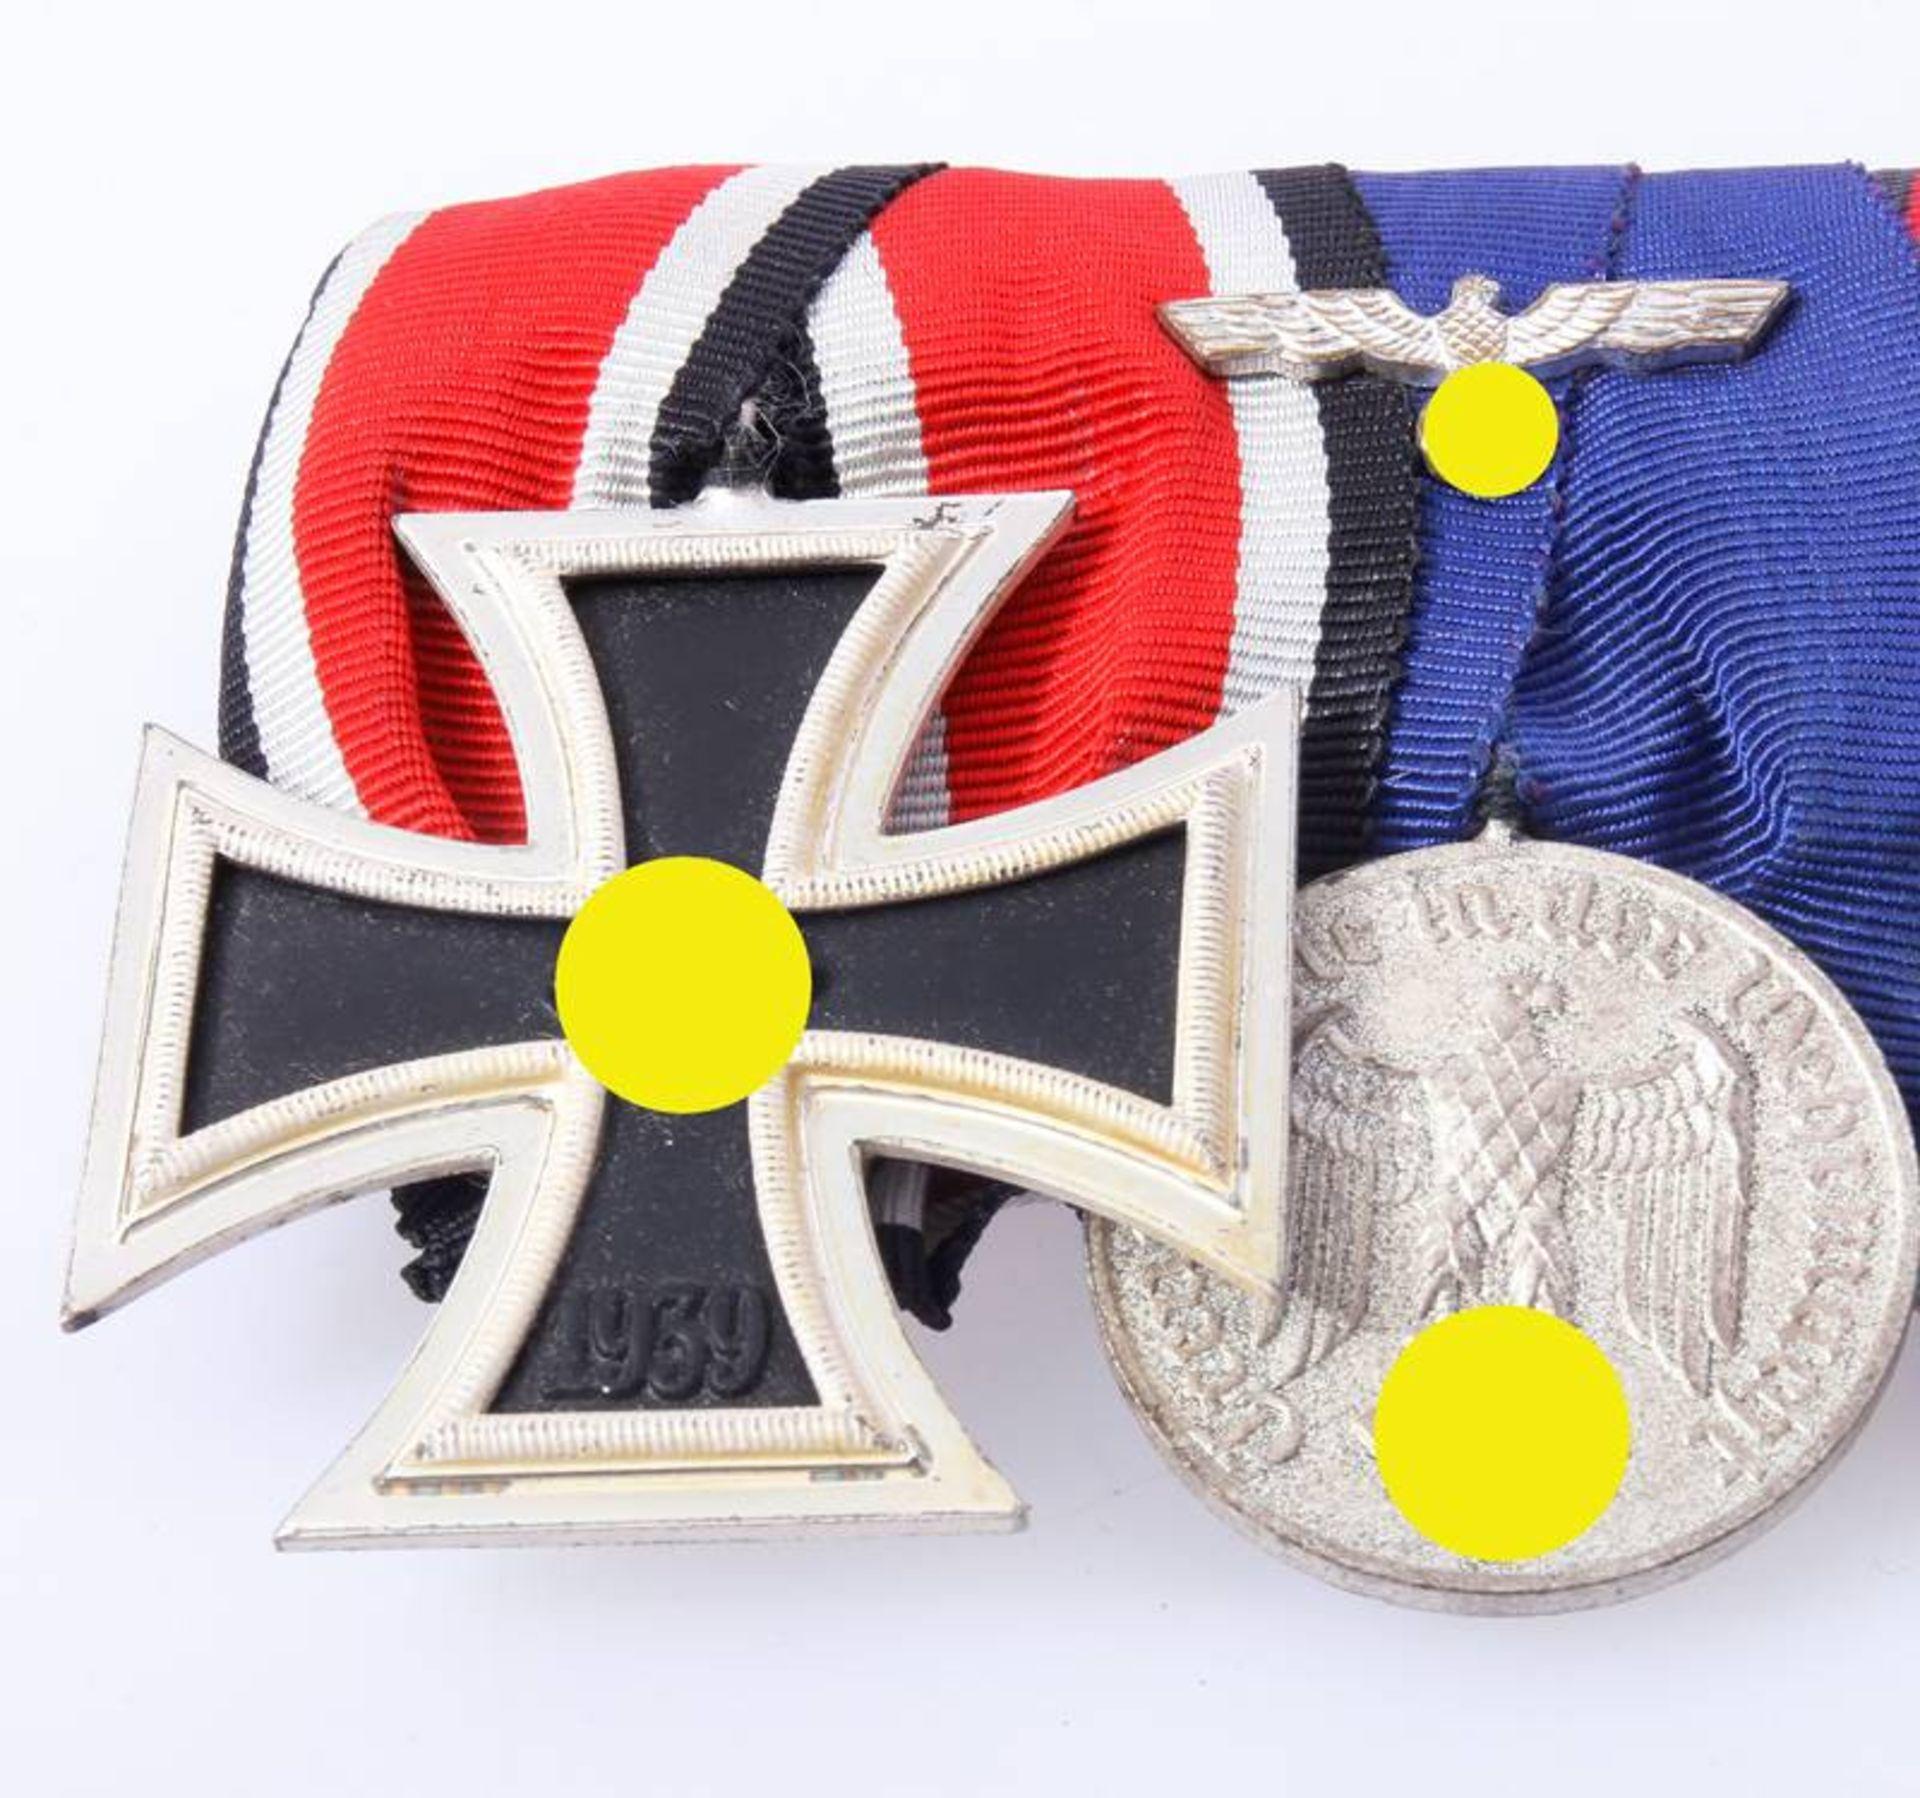 Ordenschnalle mit 4 AuszeichnungenEisernes Kreuz 2. Klasse 1939 , Dienstauszeichnung Wehrmacht 4 - Bild 3 aus 6